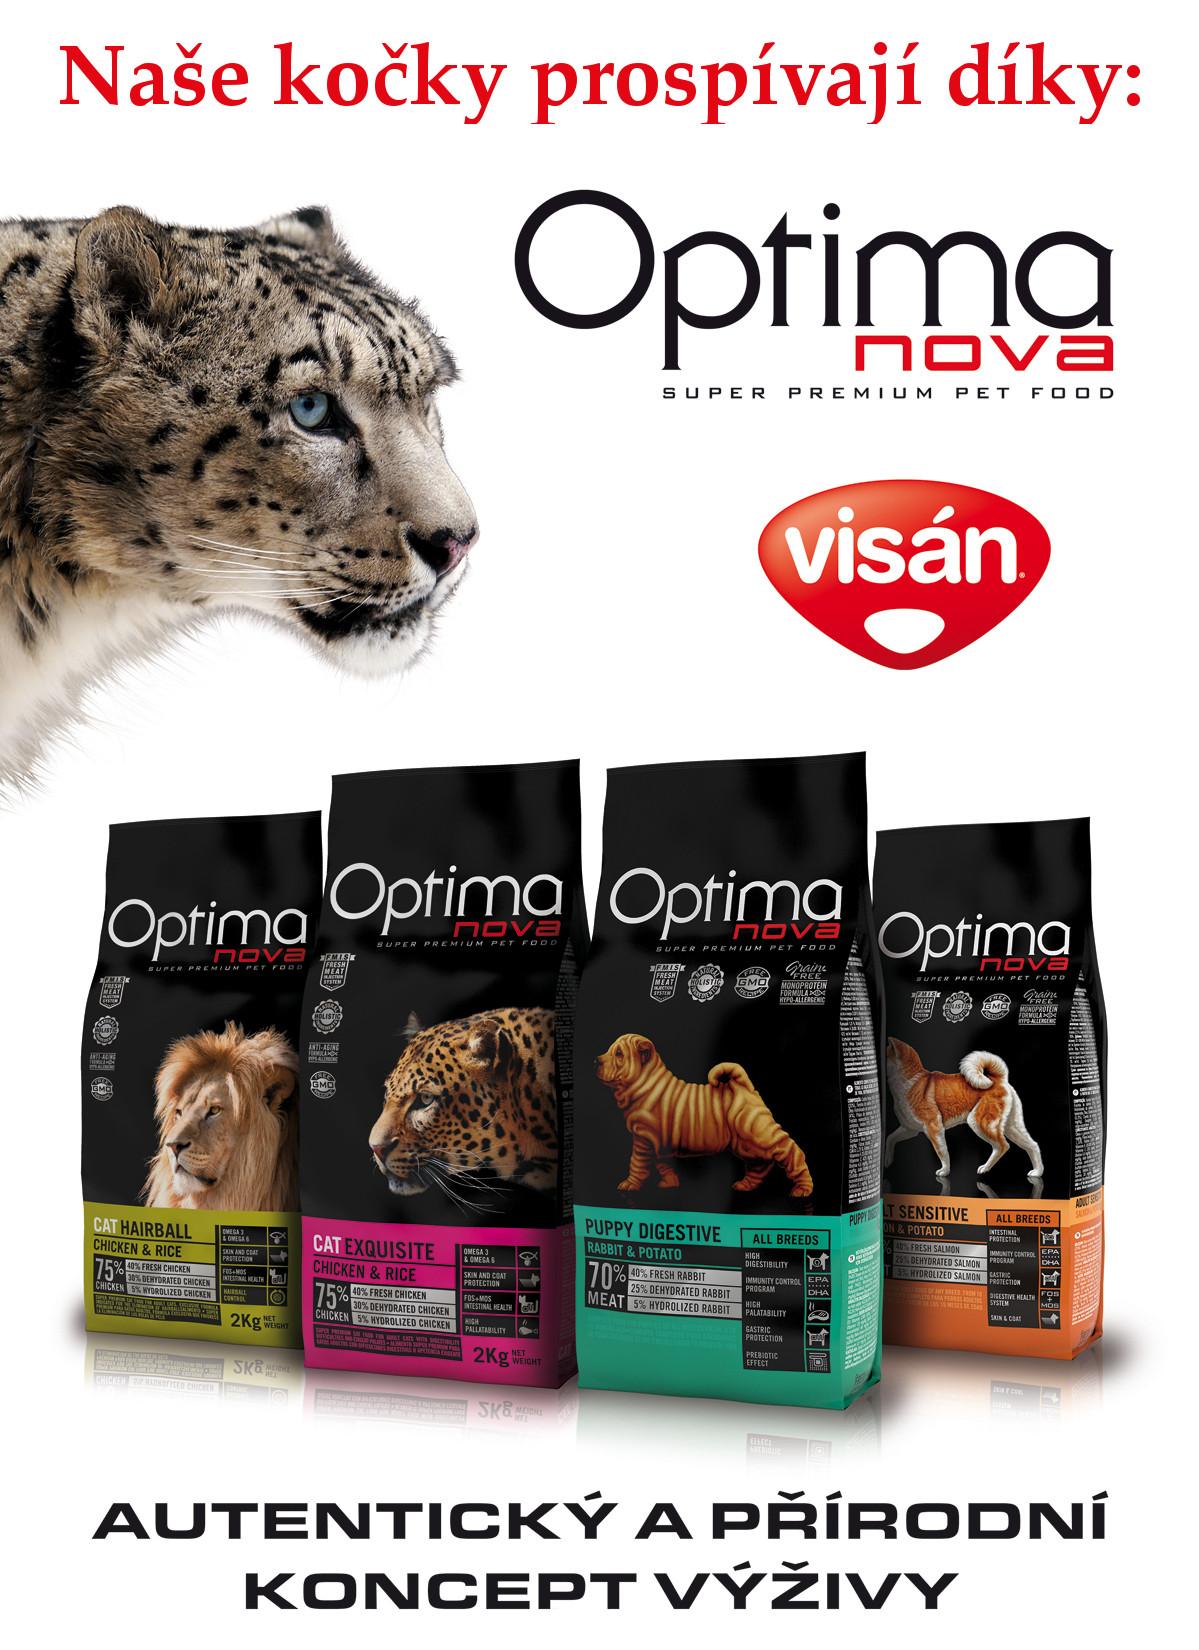 Optimanova-cat-Naše-kočky-prospívají-díky-š.1199-x-v.1650